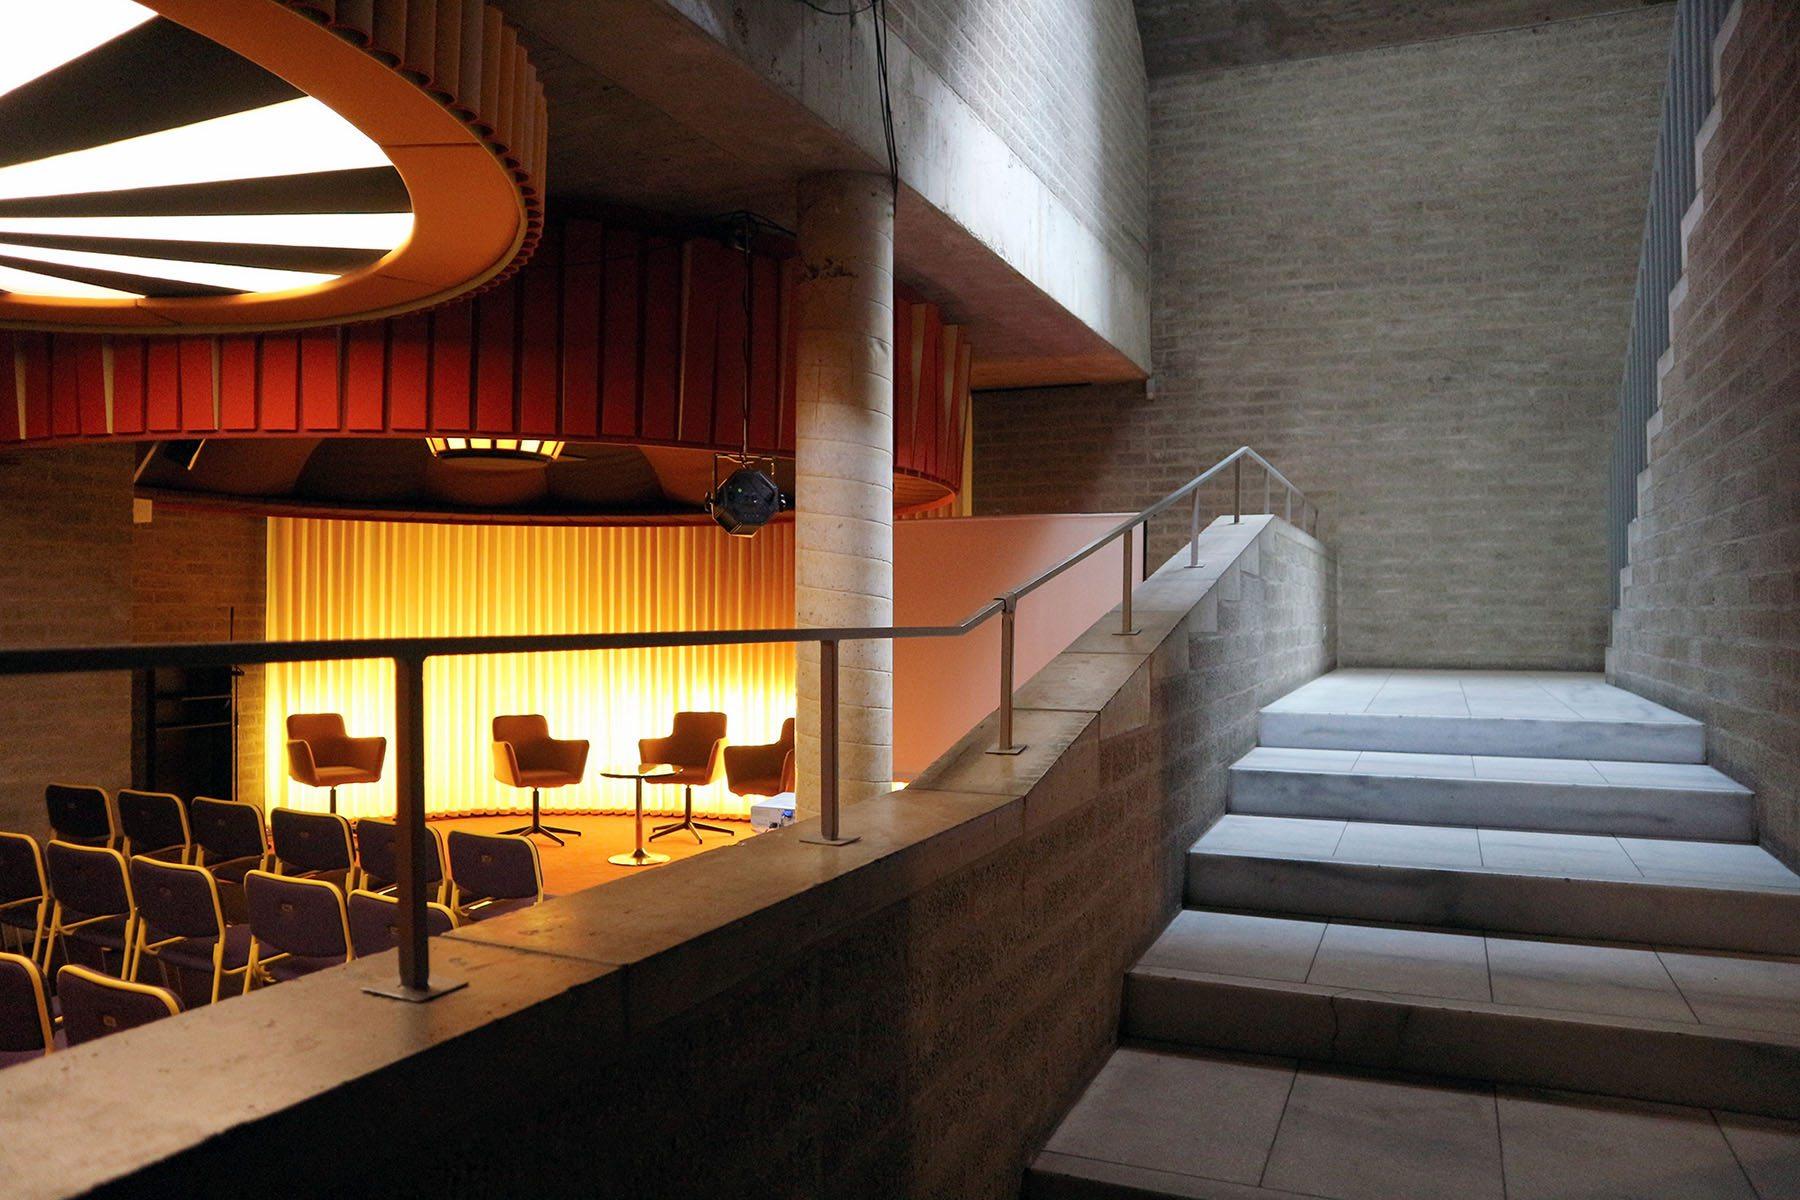 Ein Set für das Schmela Haus. Bar und Saal.. ... wundervoll mit Eycks sprödem Grau.